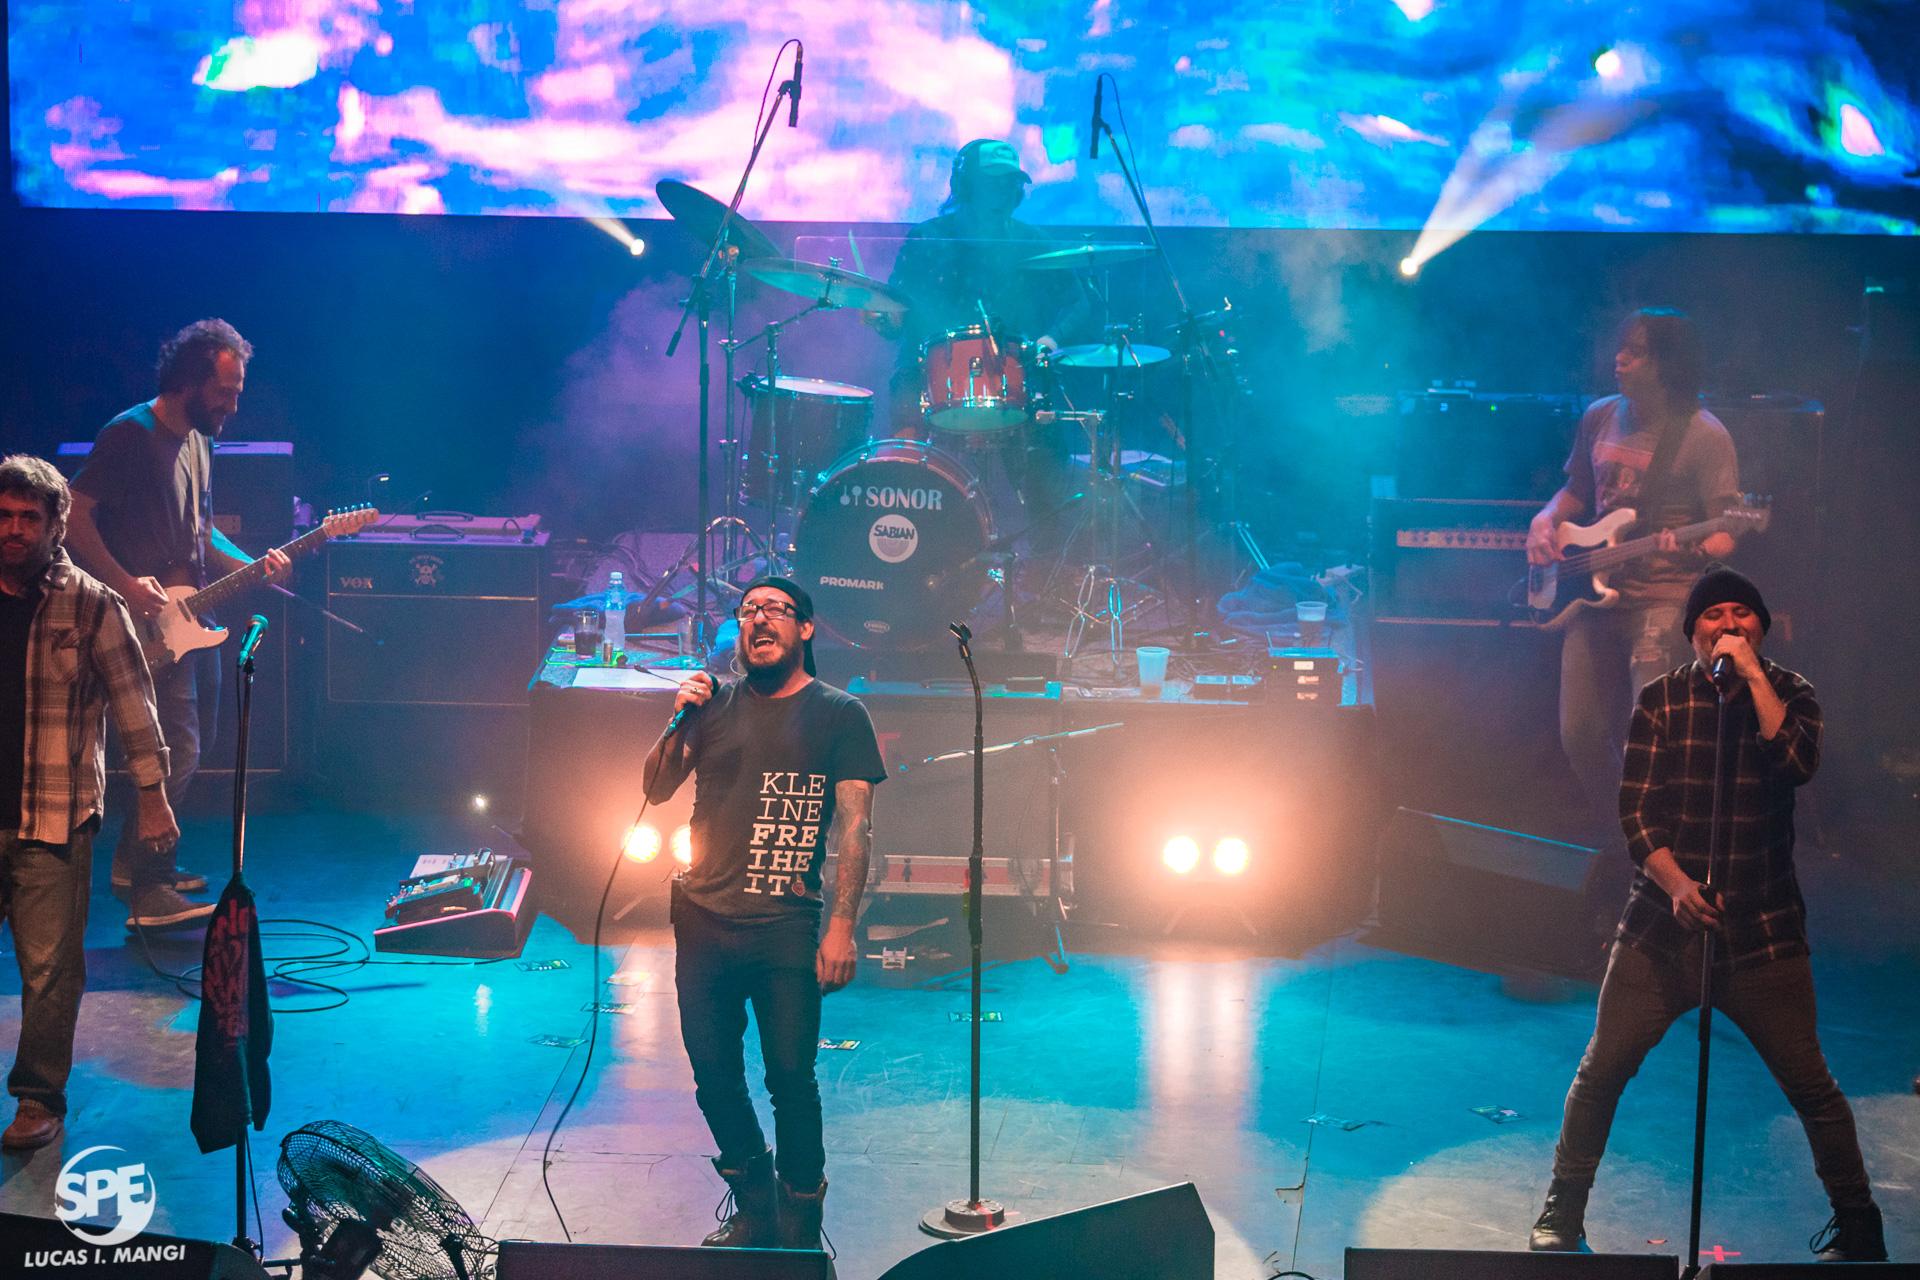 """La banda uruguaya """"La Vela Puerca"""" se presentó en el Teatro Vorterix (Buenos Aires, Argentina) el dia martes 23 de Julio de 2019. """"Los Oxford"""" fueron seleccionados para abrir la noche. 23 de julio de 2019.Foto de Lucas Mangi."""